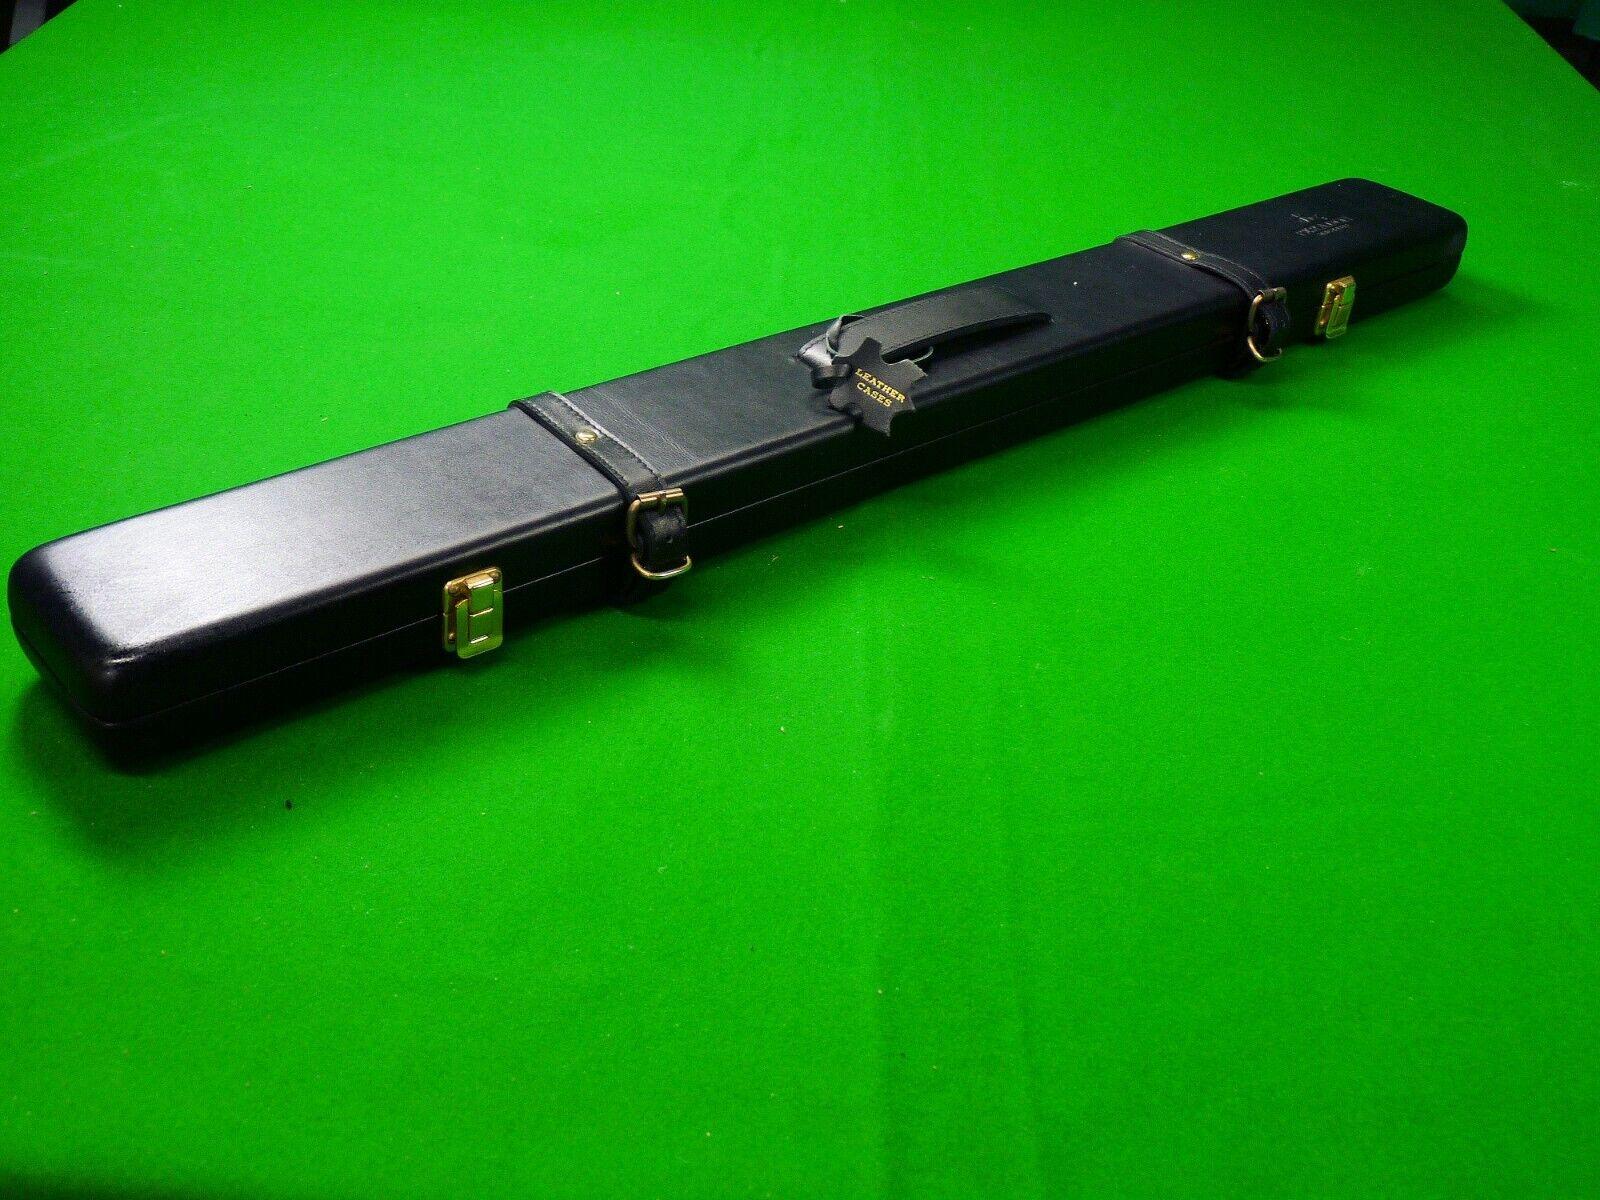 Peradon Leather 2 Piece Snooker Cue Case